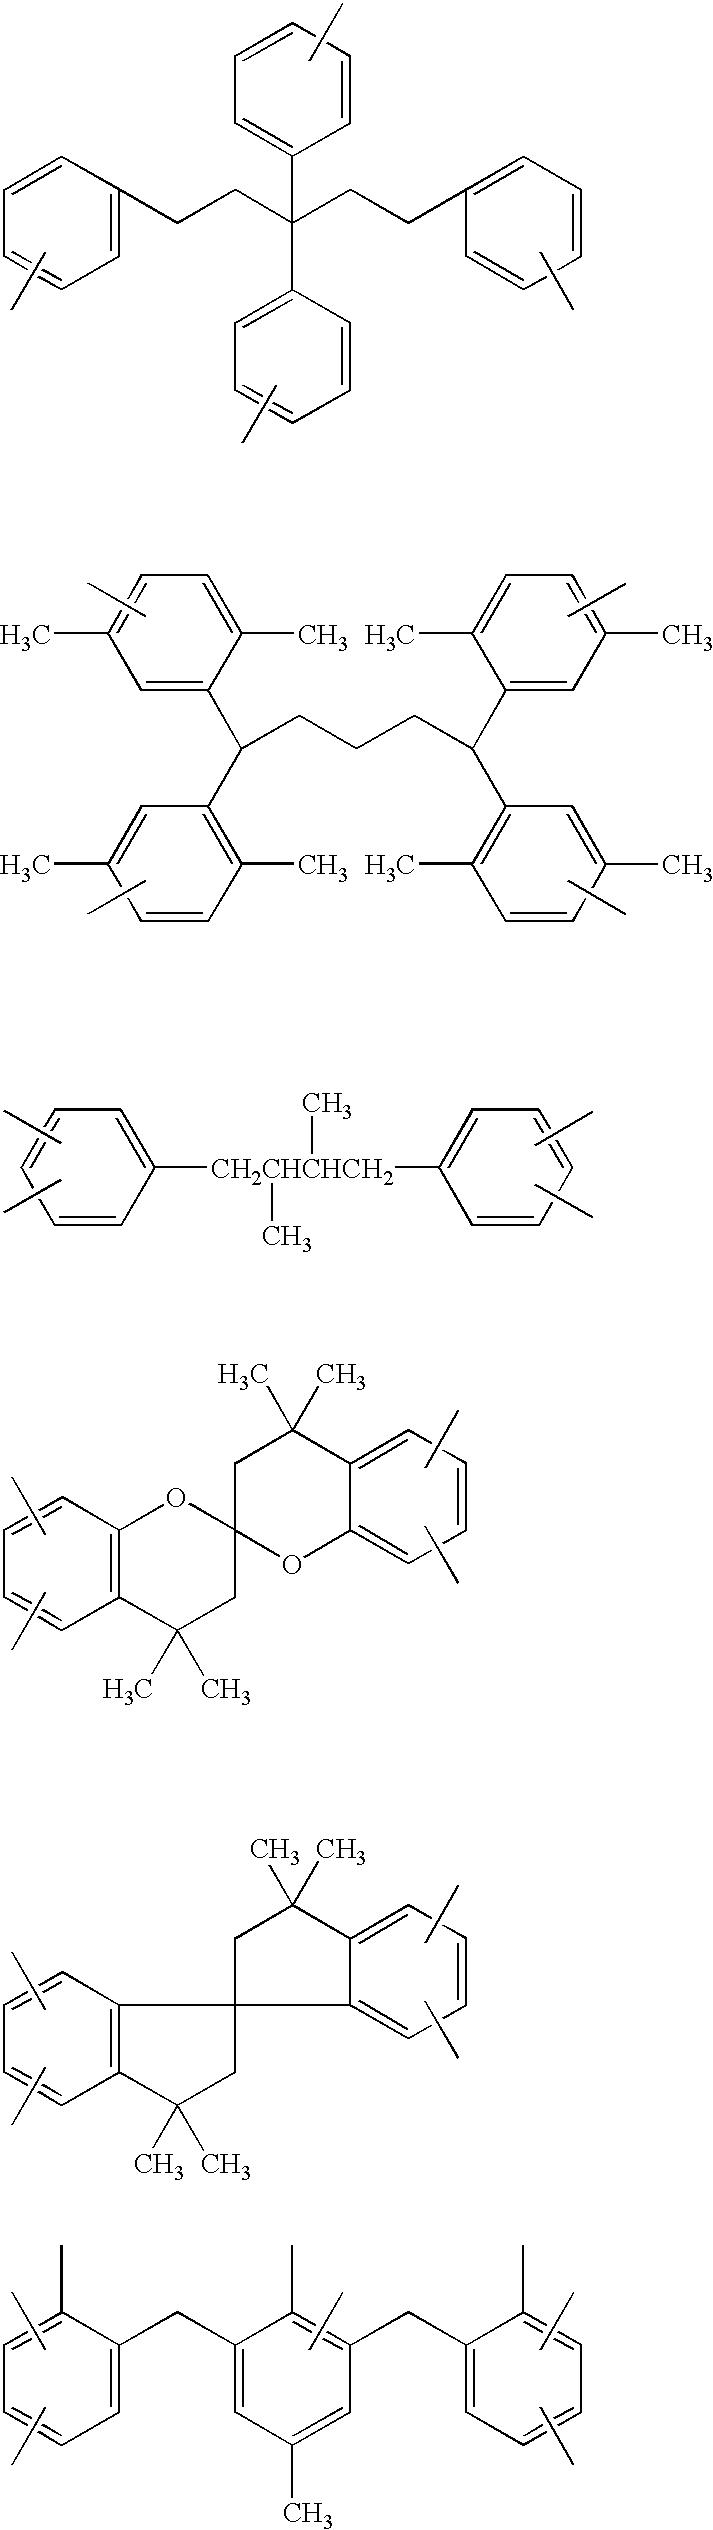 Figure US06511785-20030128-C00039